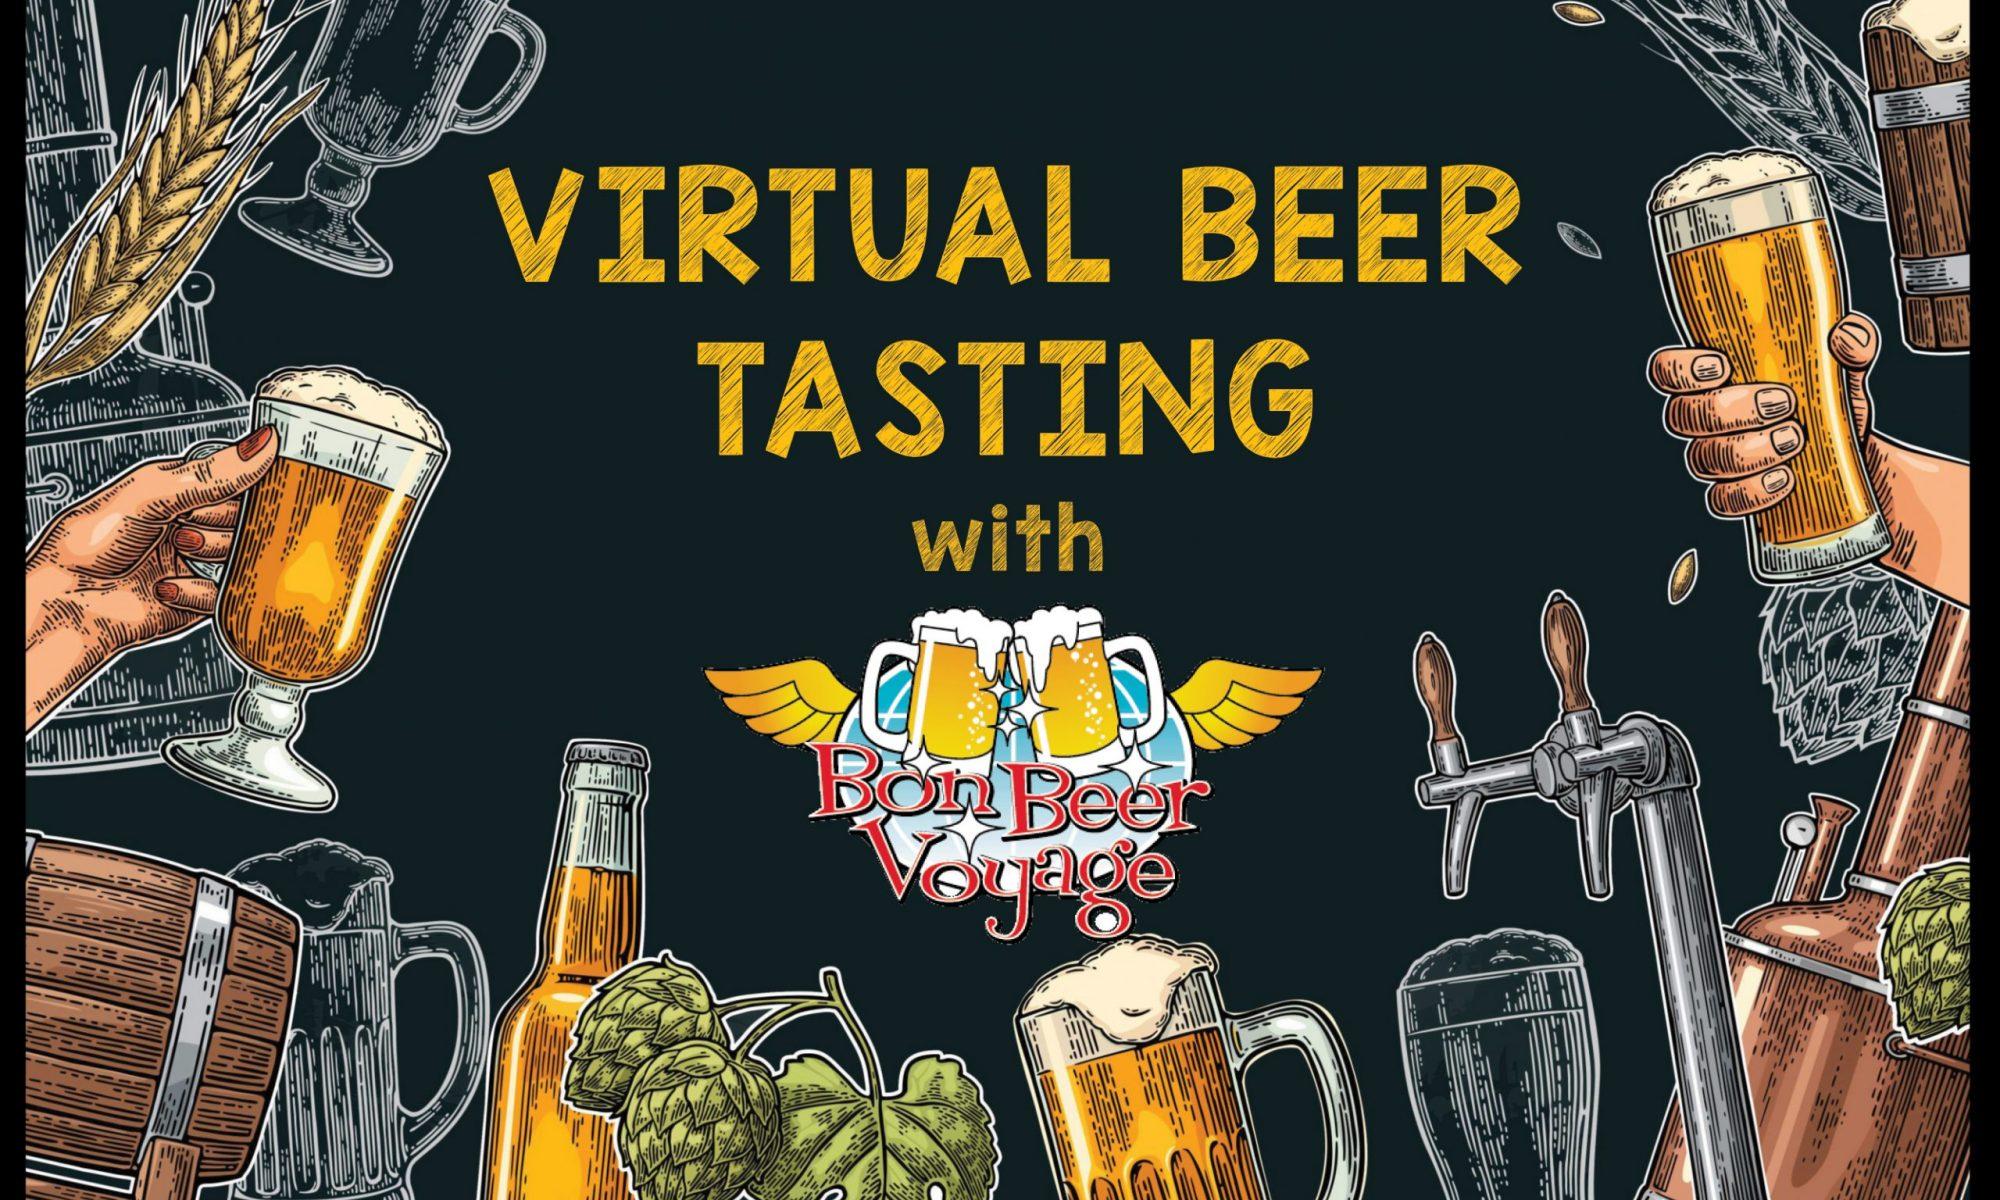 Online Virtual Beer Tasting